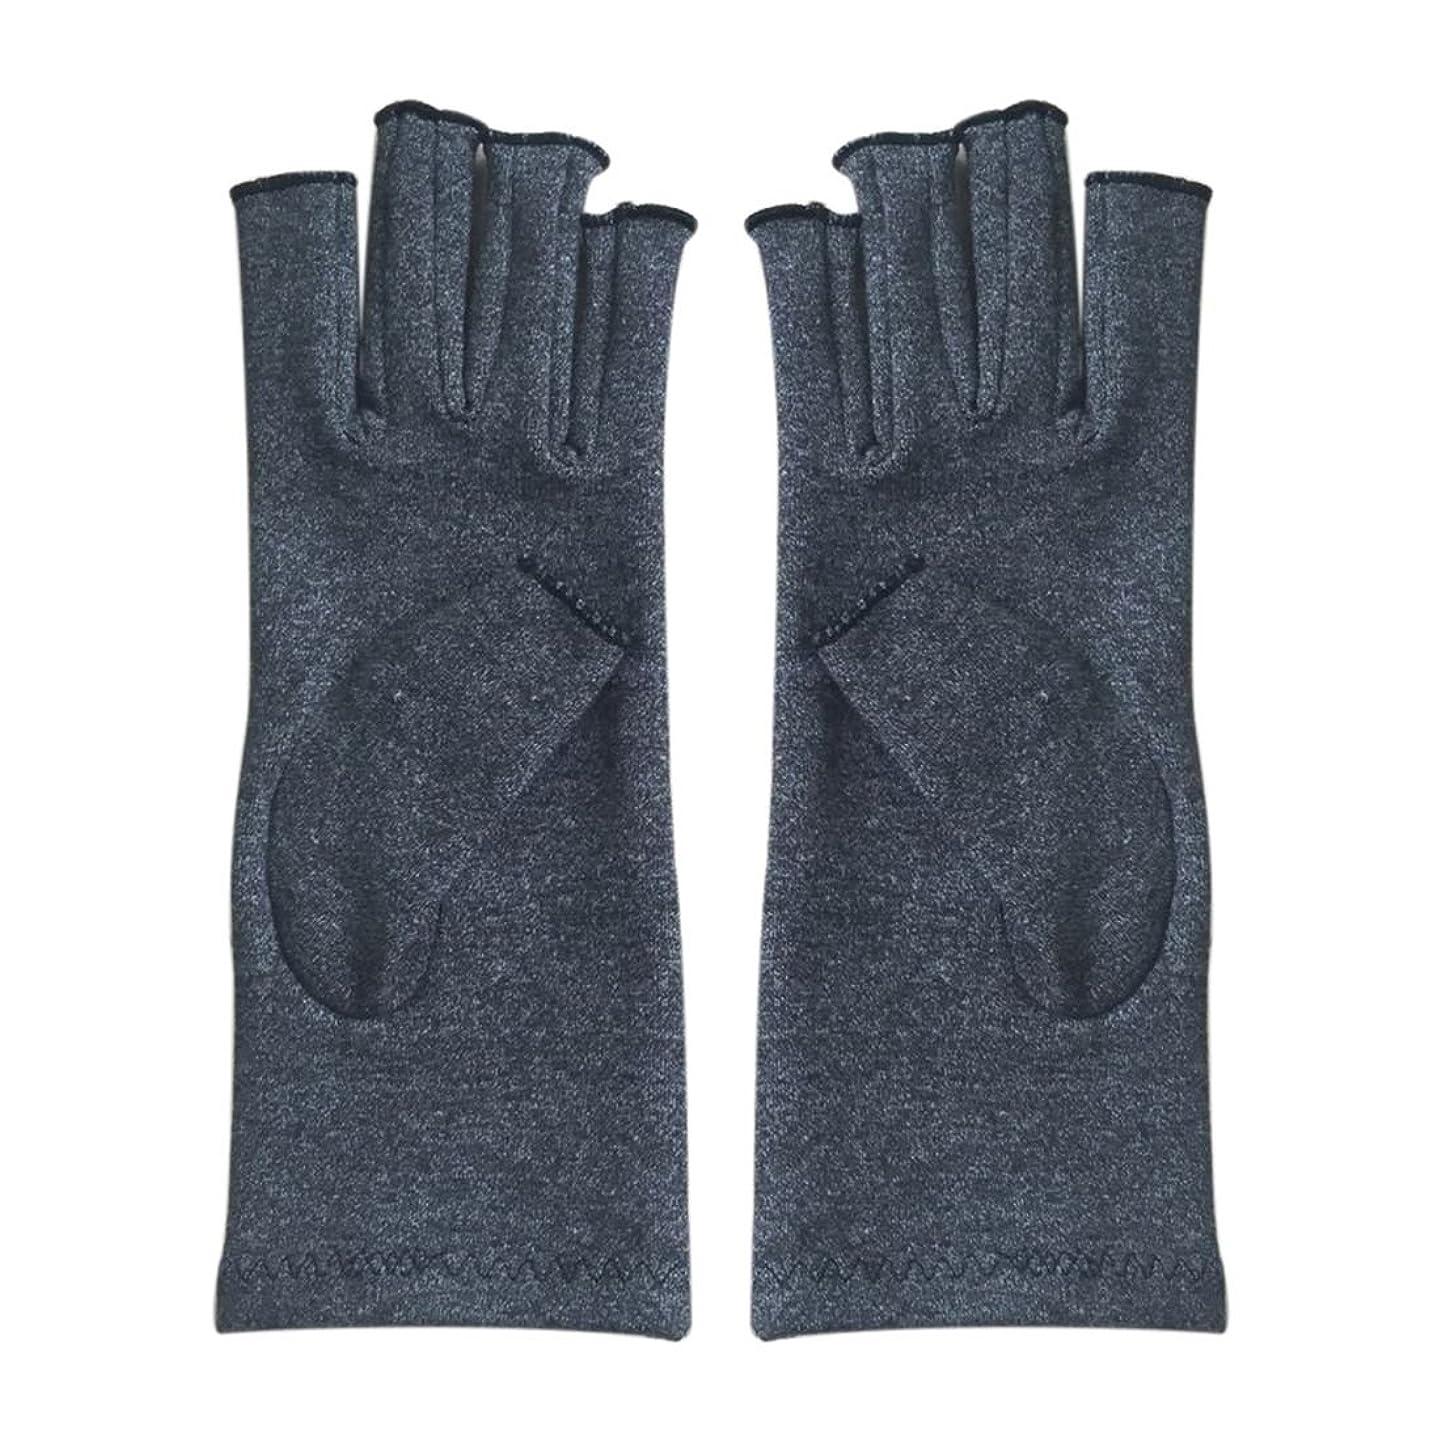 良いナサニエル区オーバーヘッドSODIAL 1ペア成人男性女性用弾性コットンコンプレッション手袋手関節炎関節痛鎮痛軽減S -灰色、S